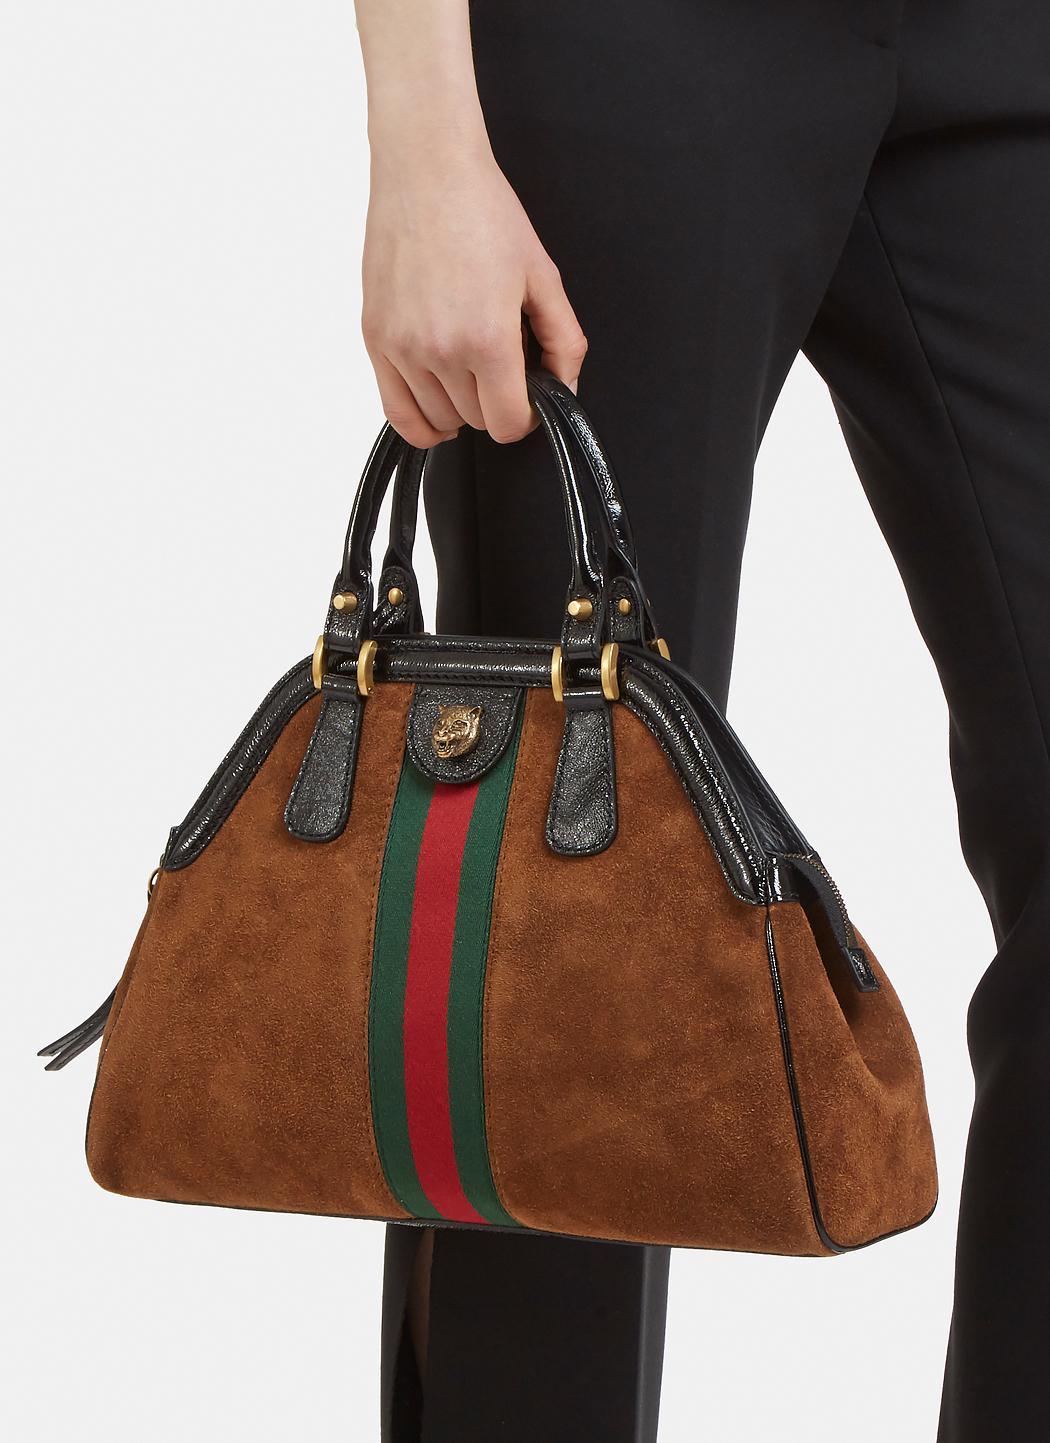 645f67f15 Gucci Re(belle) Web Stripe Suede Cross Body Bag in Brown - Lyst